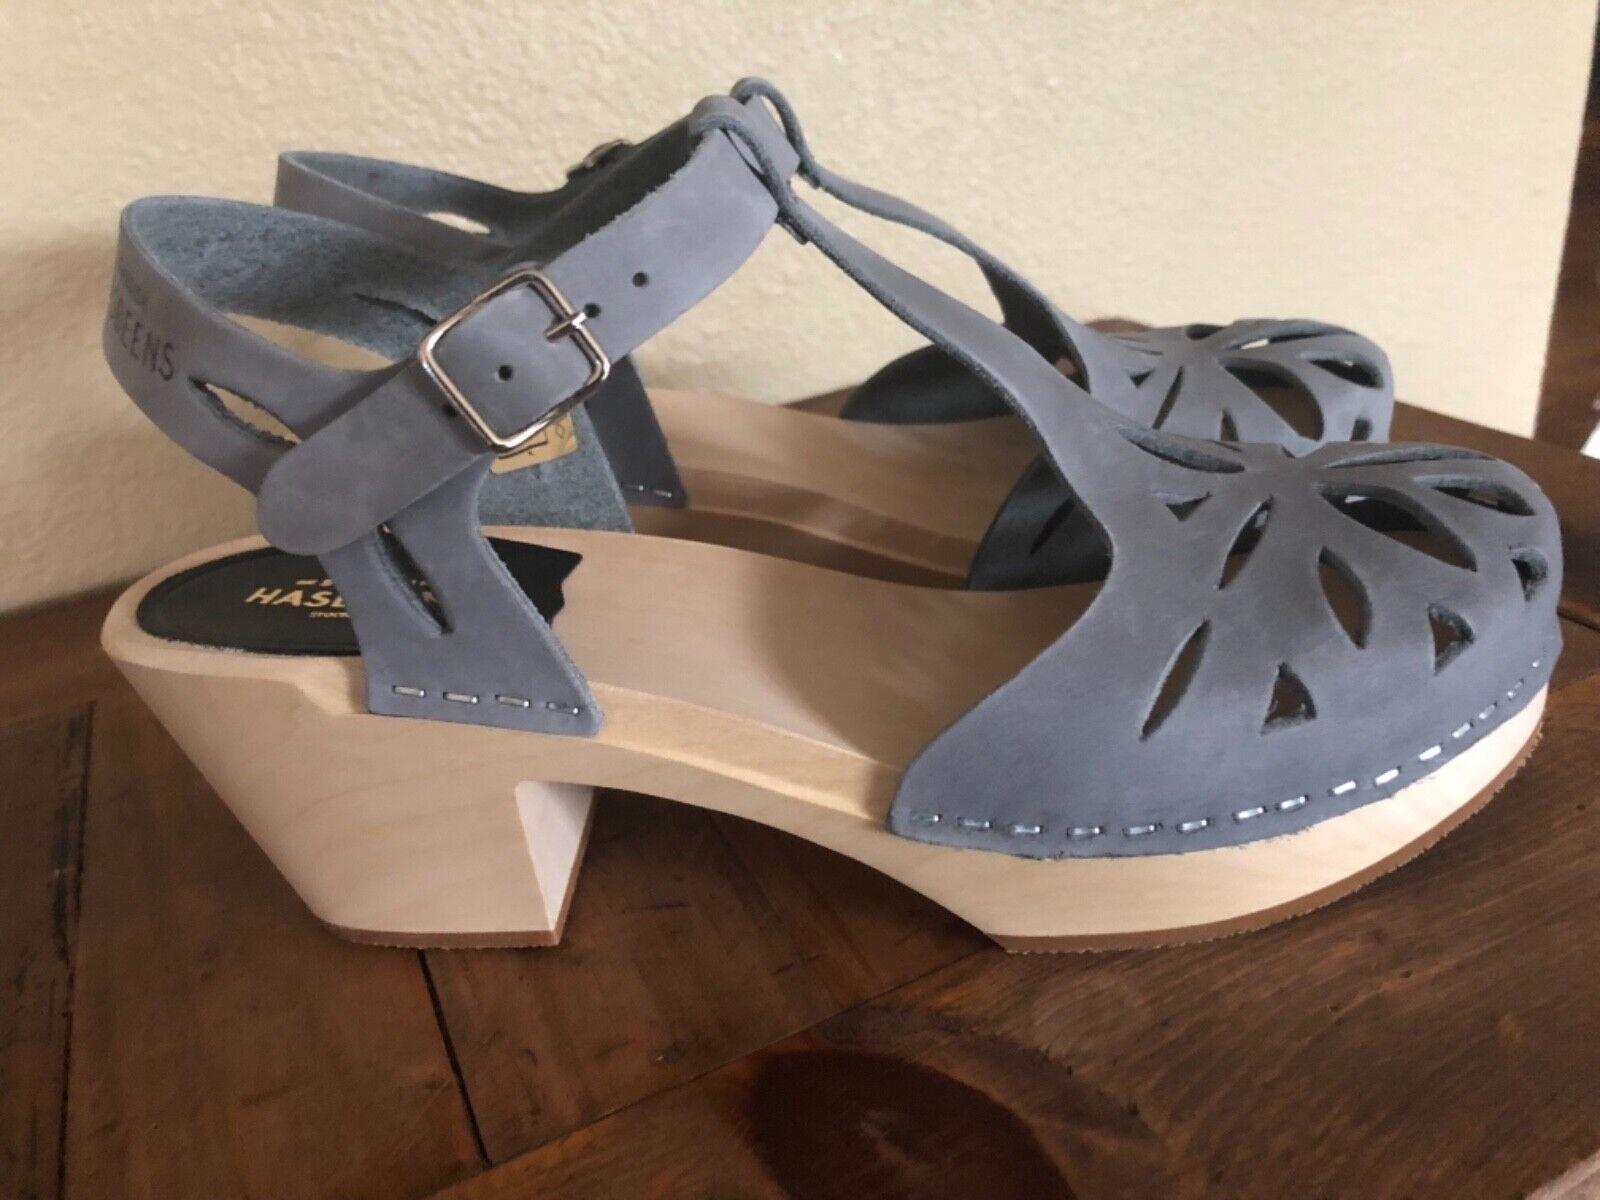 Swedish Hasbeens Lacy Zuecos Sandalias De Cuero gris gris 39 Troqueladas Correa T    nuevo